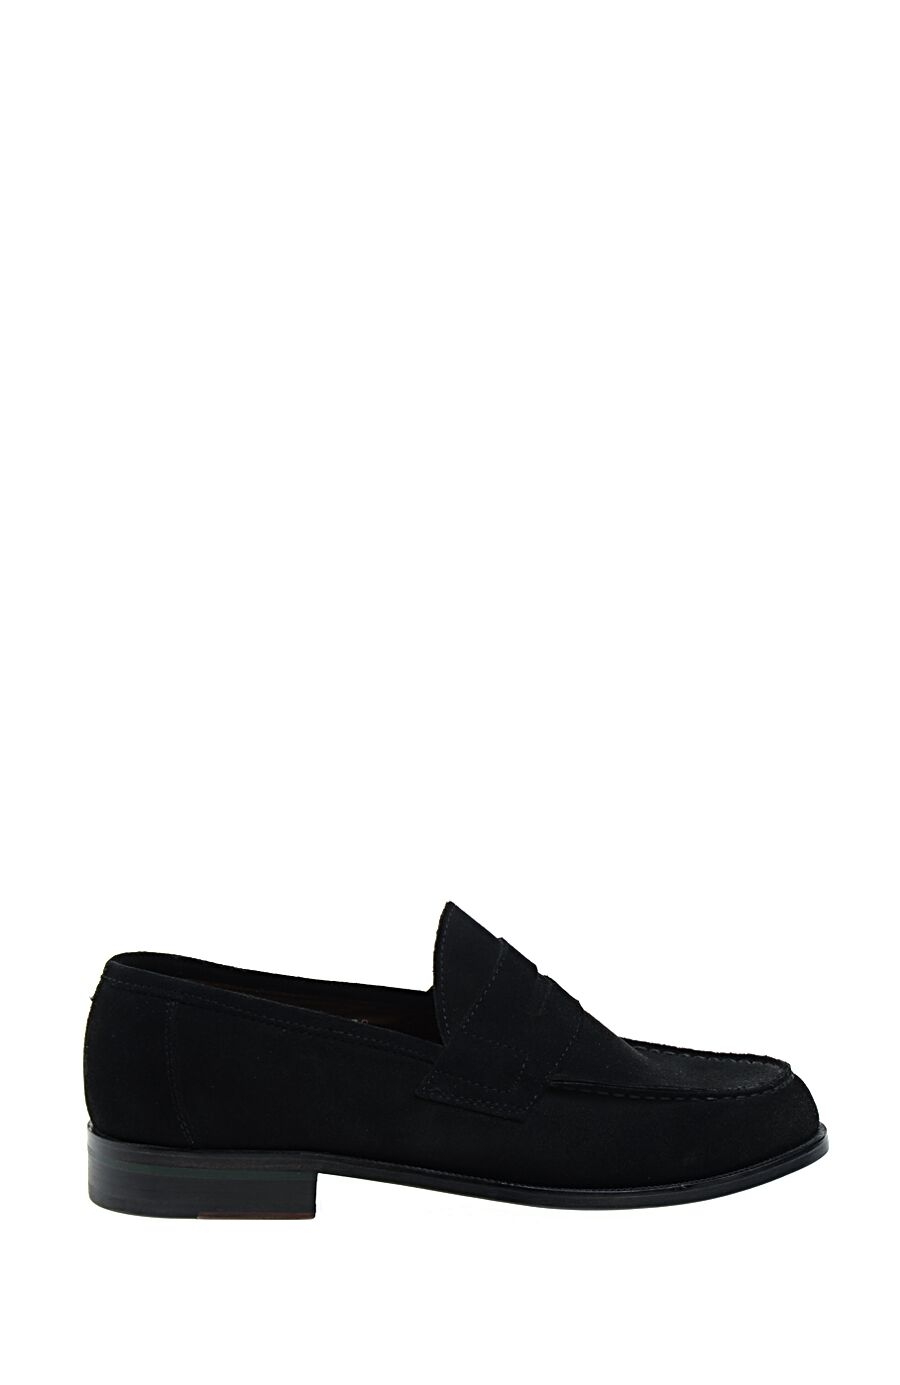 Siyah Süet Loafer Ayakkabı